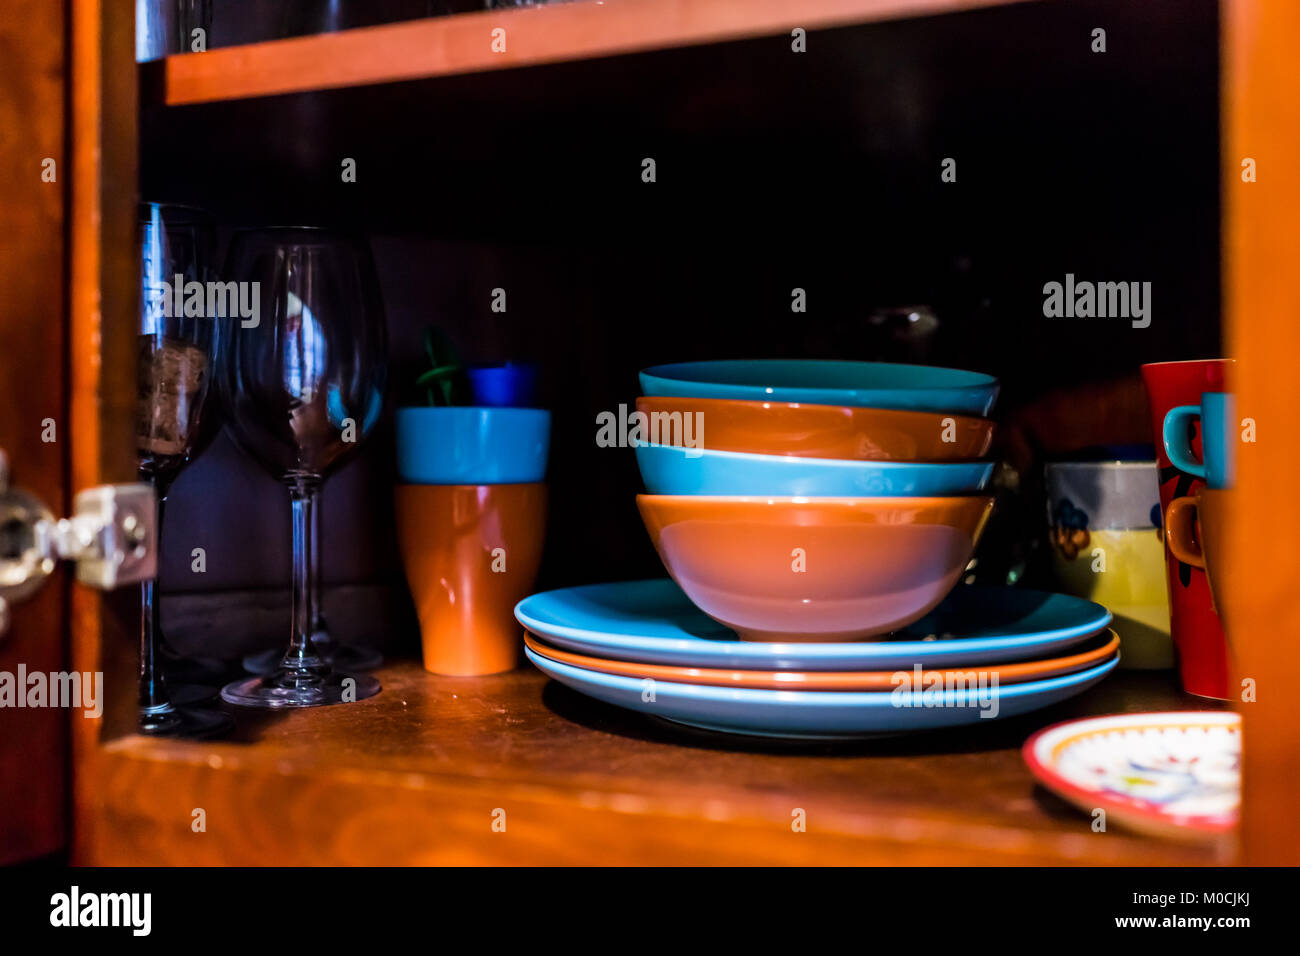 Credenza Con Tazze : Fondo di cappa in vetro sintesi o credenza da cucina pronta